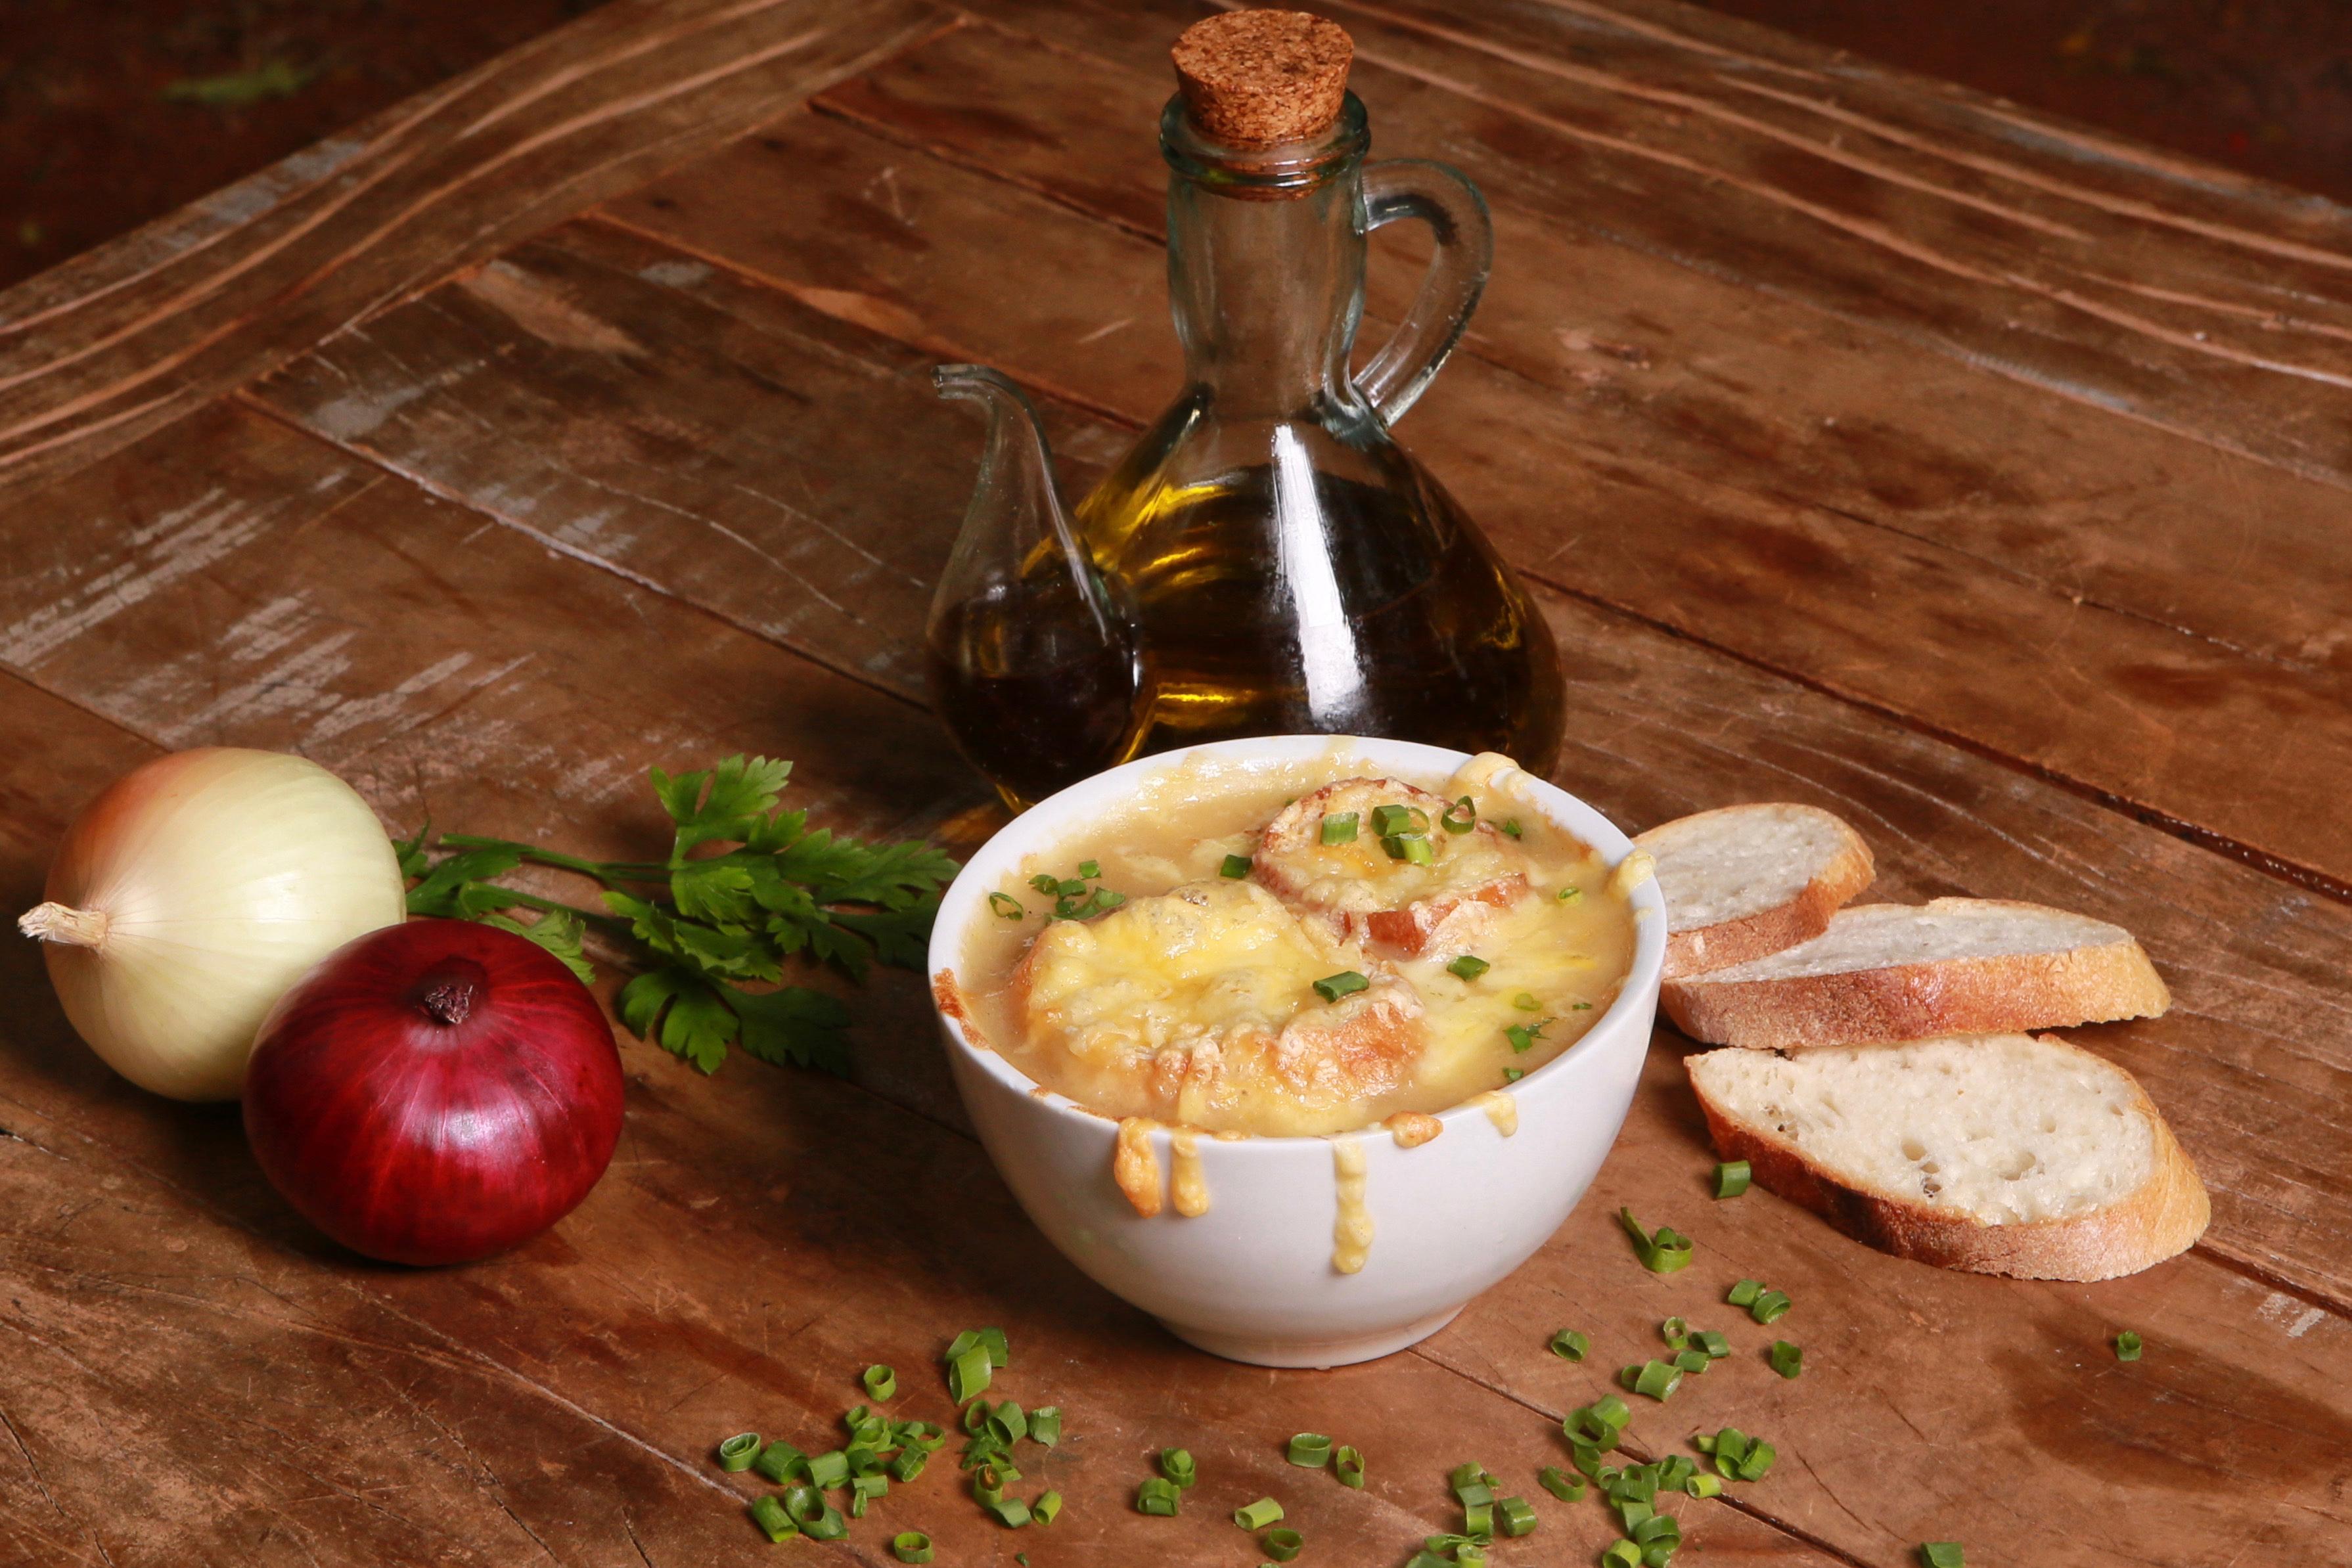 Sopa de cebola com queijo emmental gratinado_foto Lula Lopes